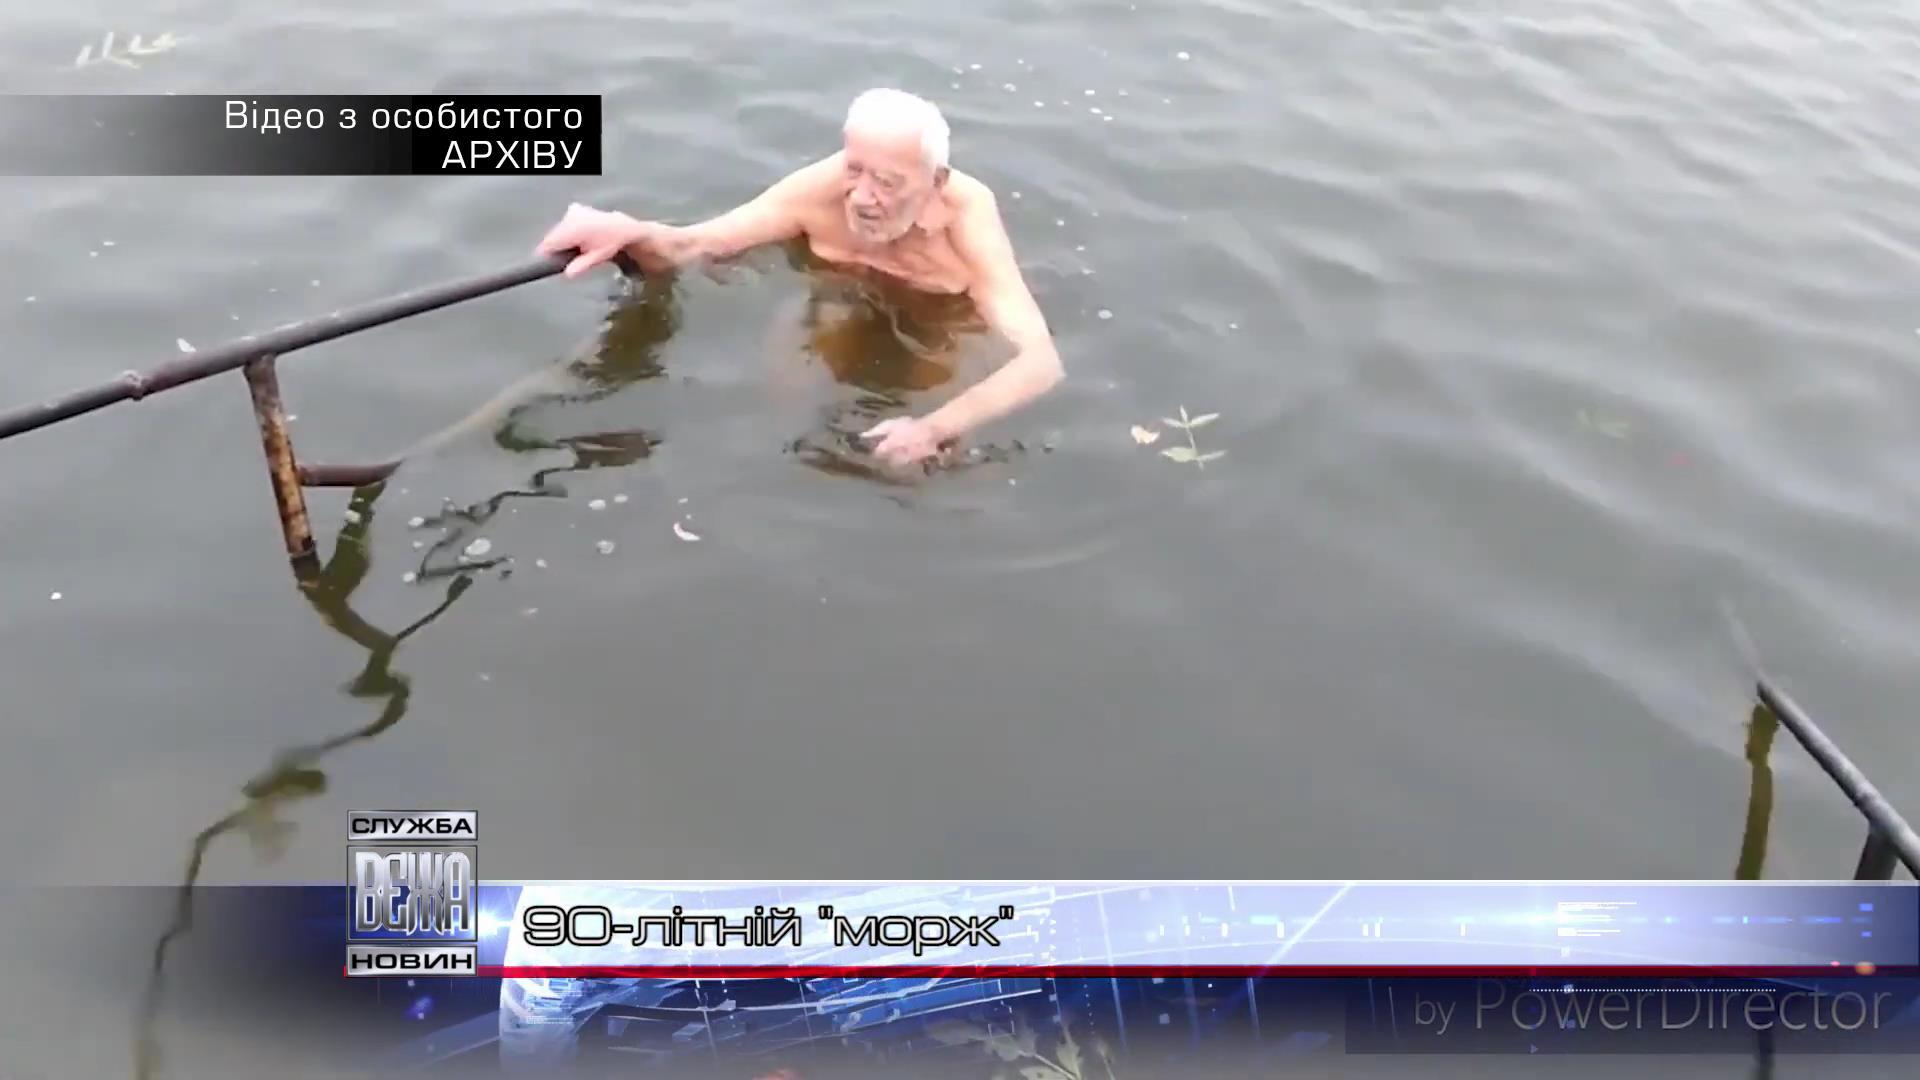 Найстарший за віком «морж» України мешкає в Івано-Франківську[19-41-17]